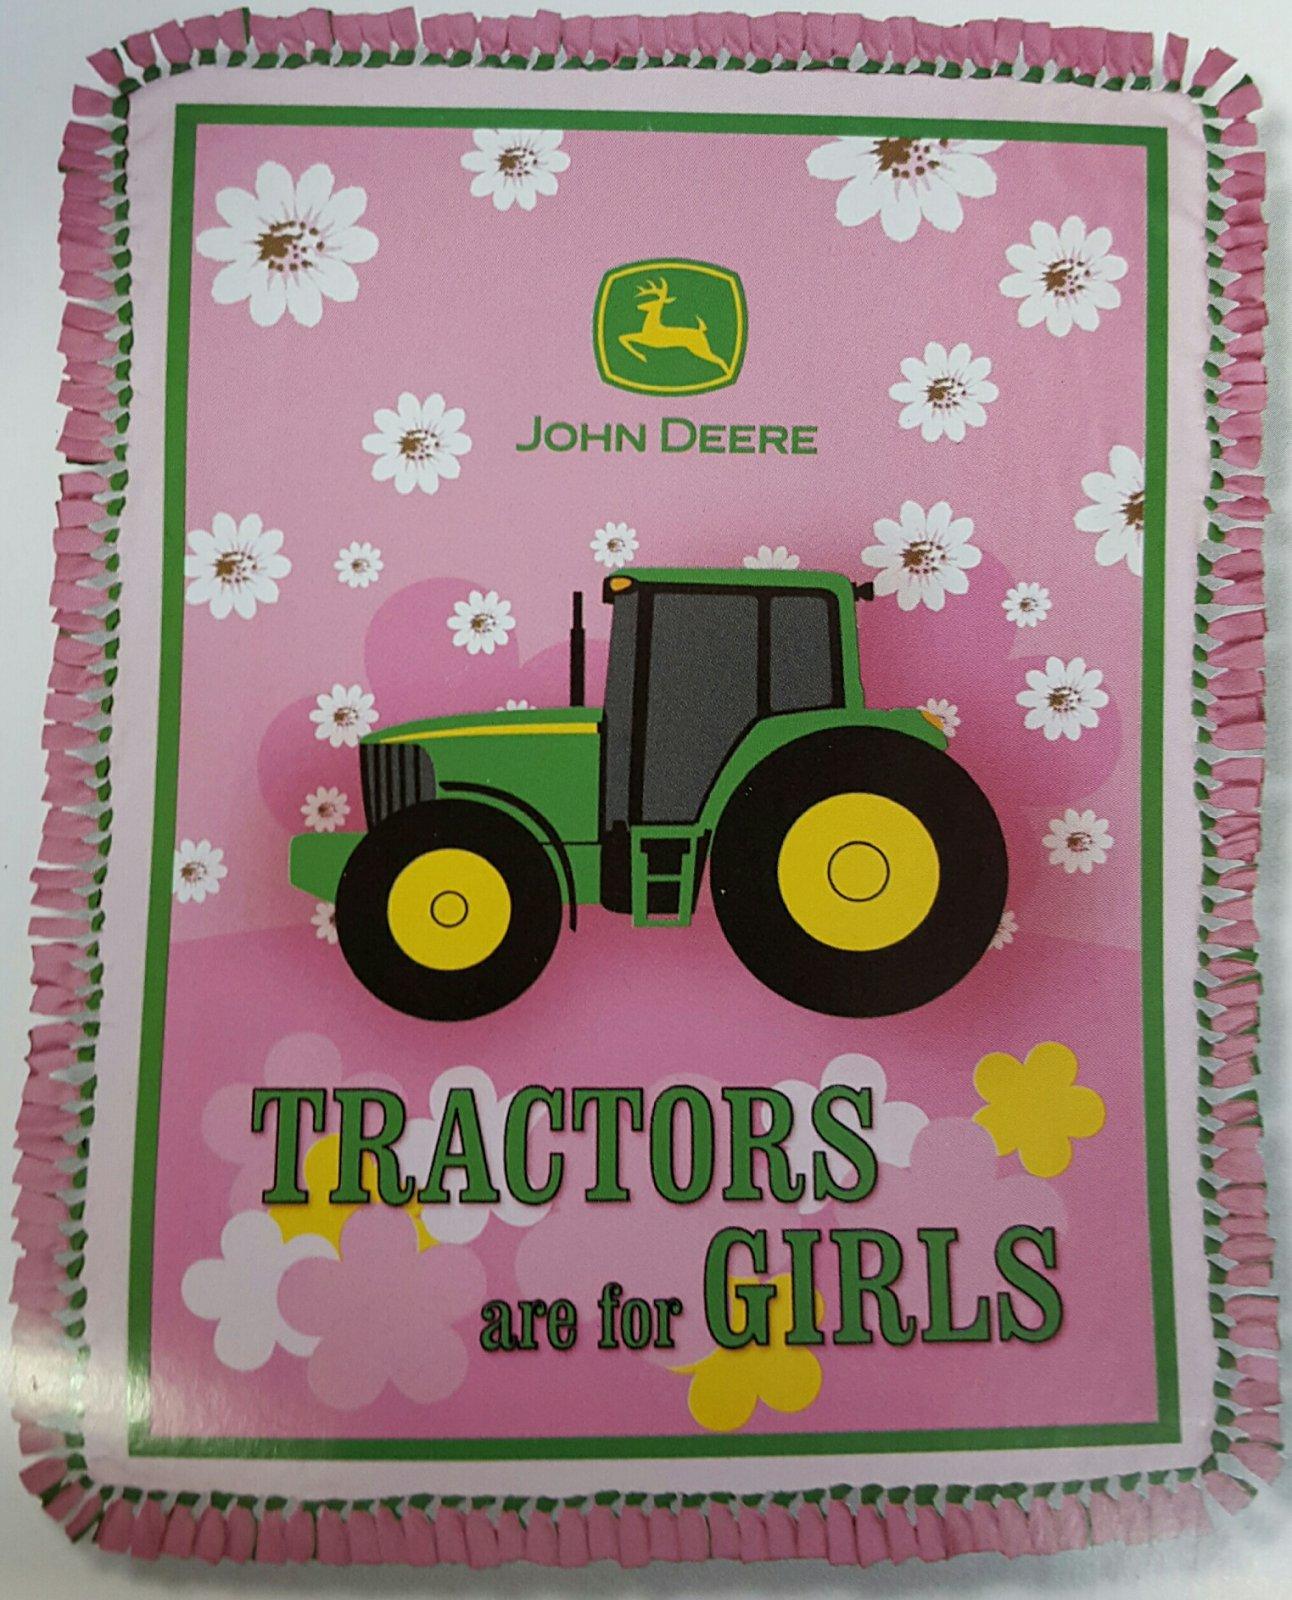 John Deere Tractors are for Girls Fleece Throw Kit (Pink)